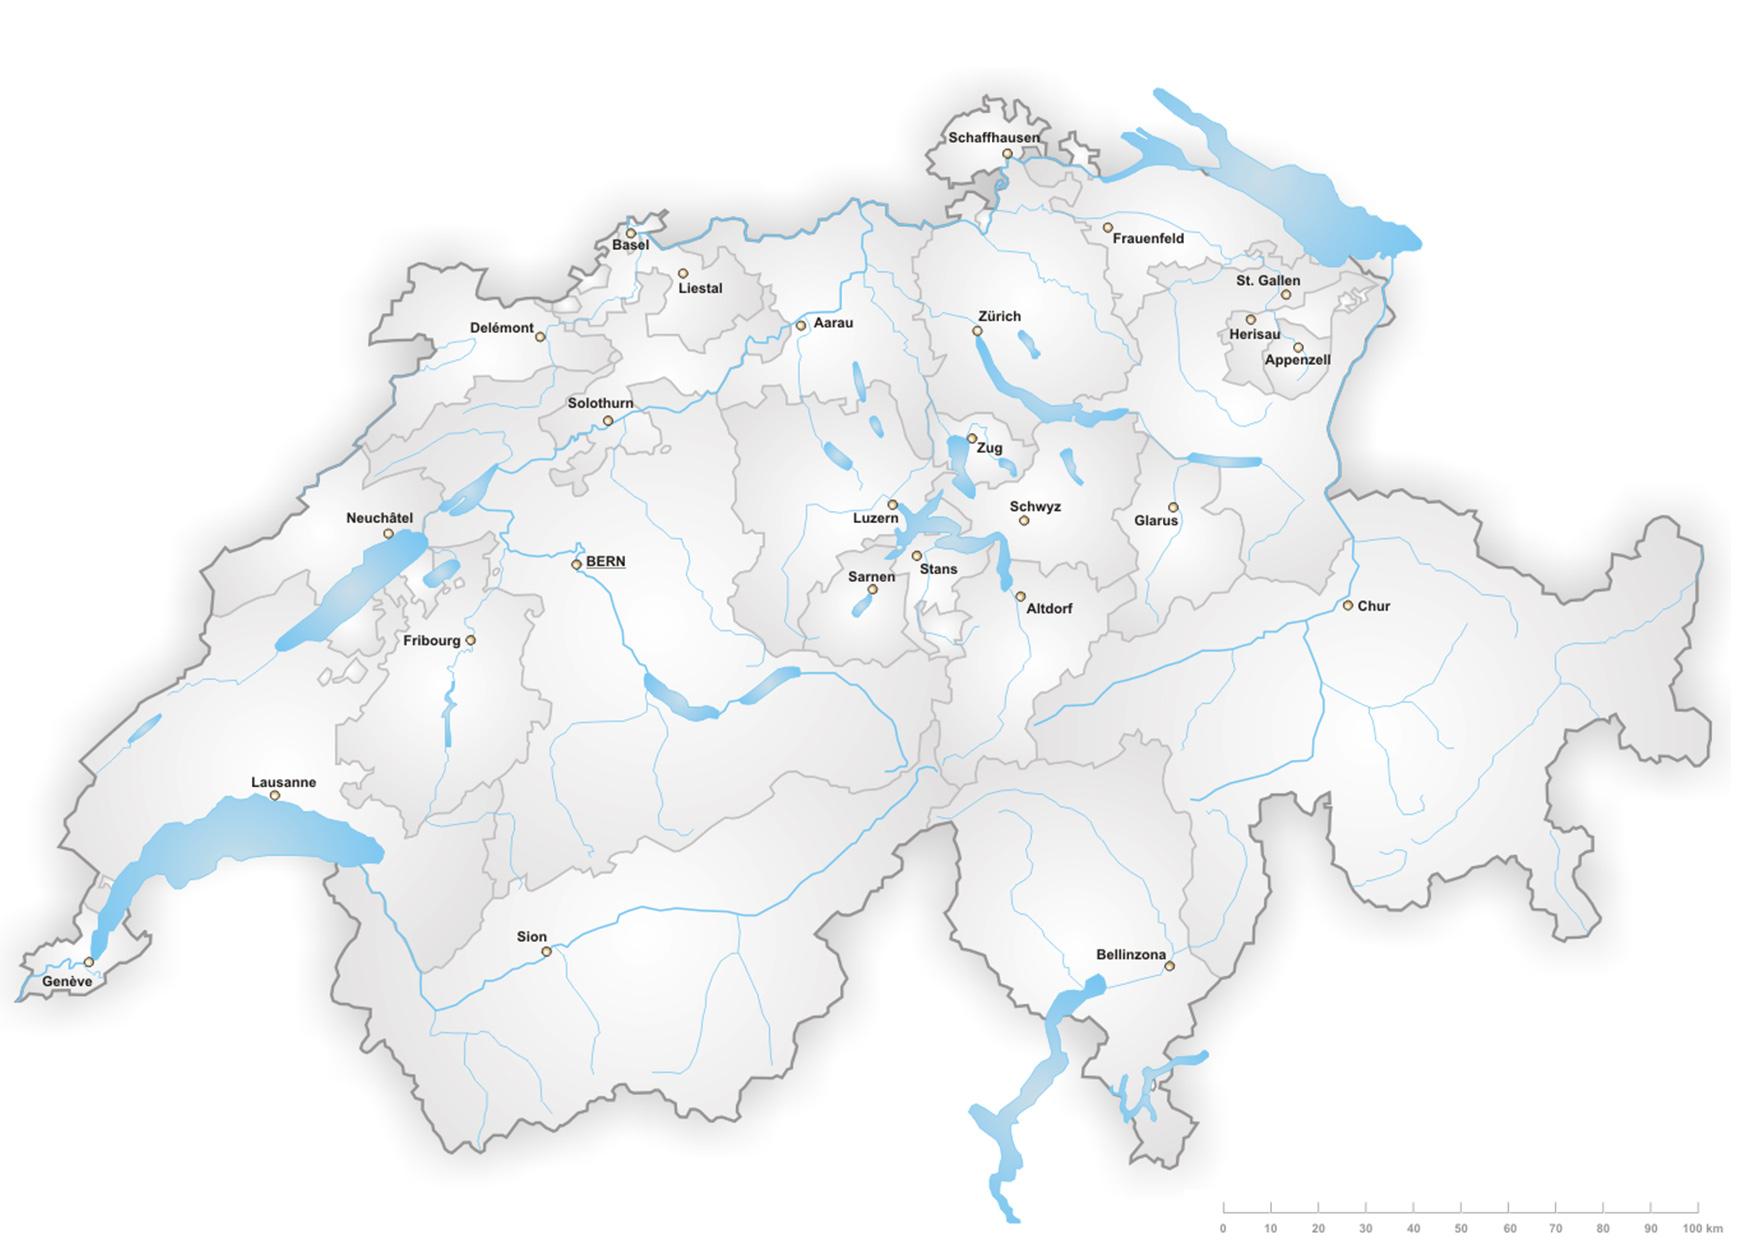 Einwohnerzahl nach Ballungszentren - Schweizer Karte